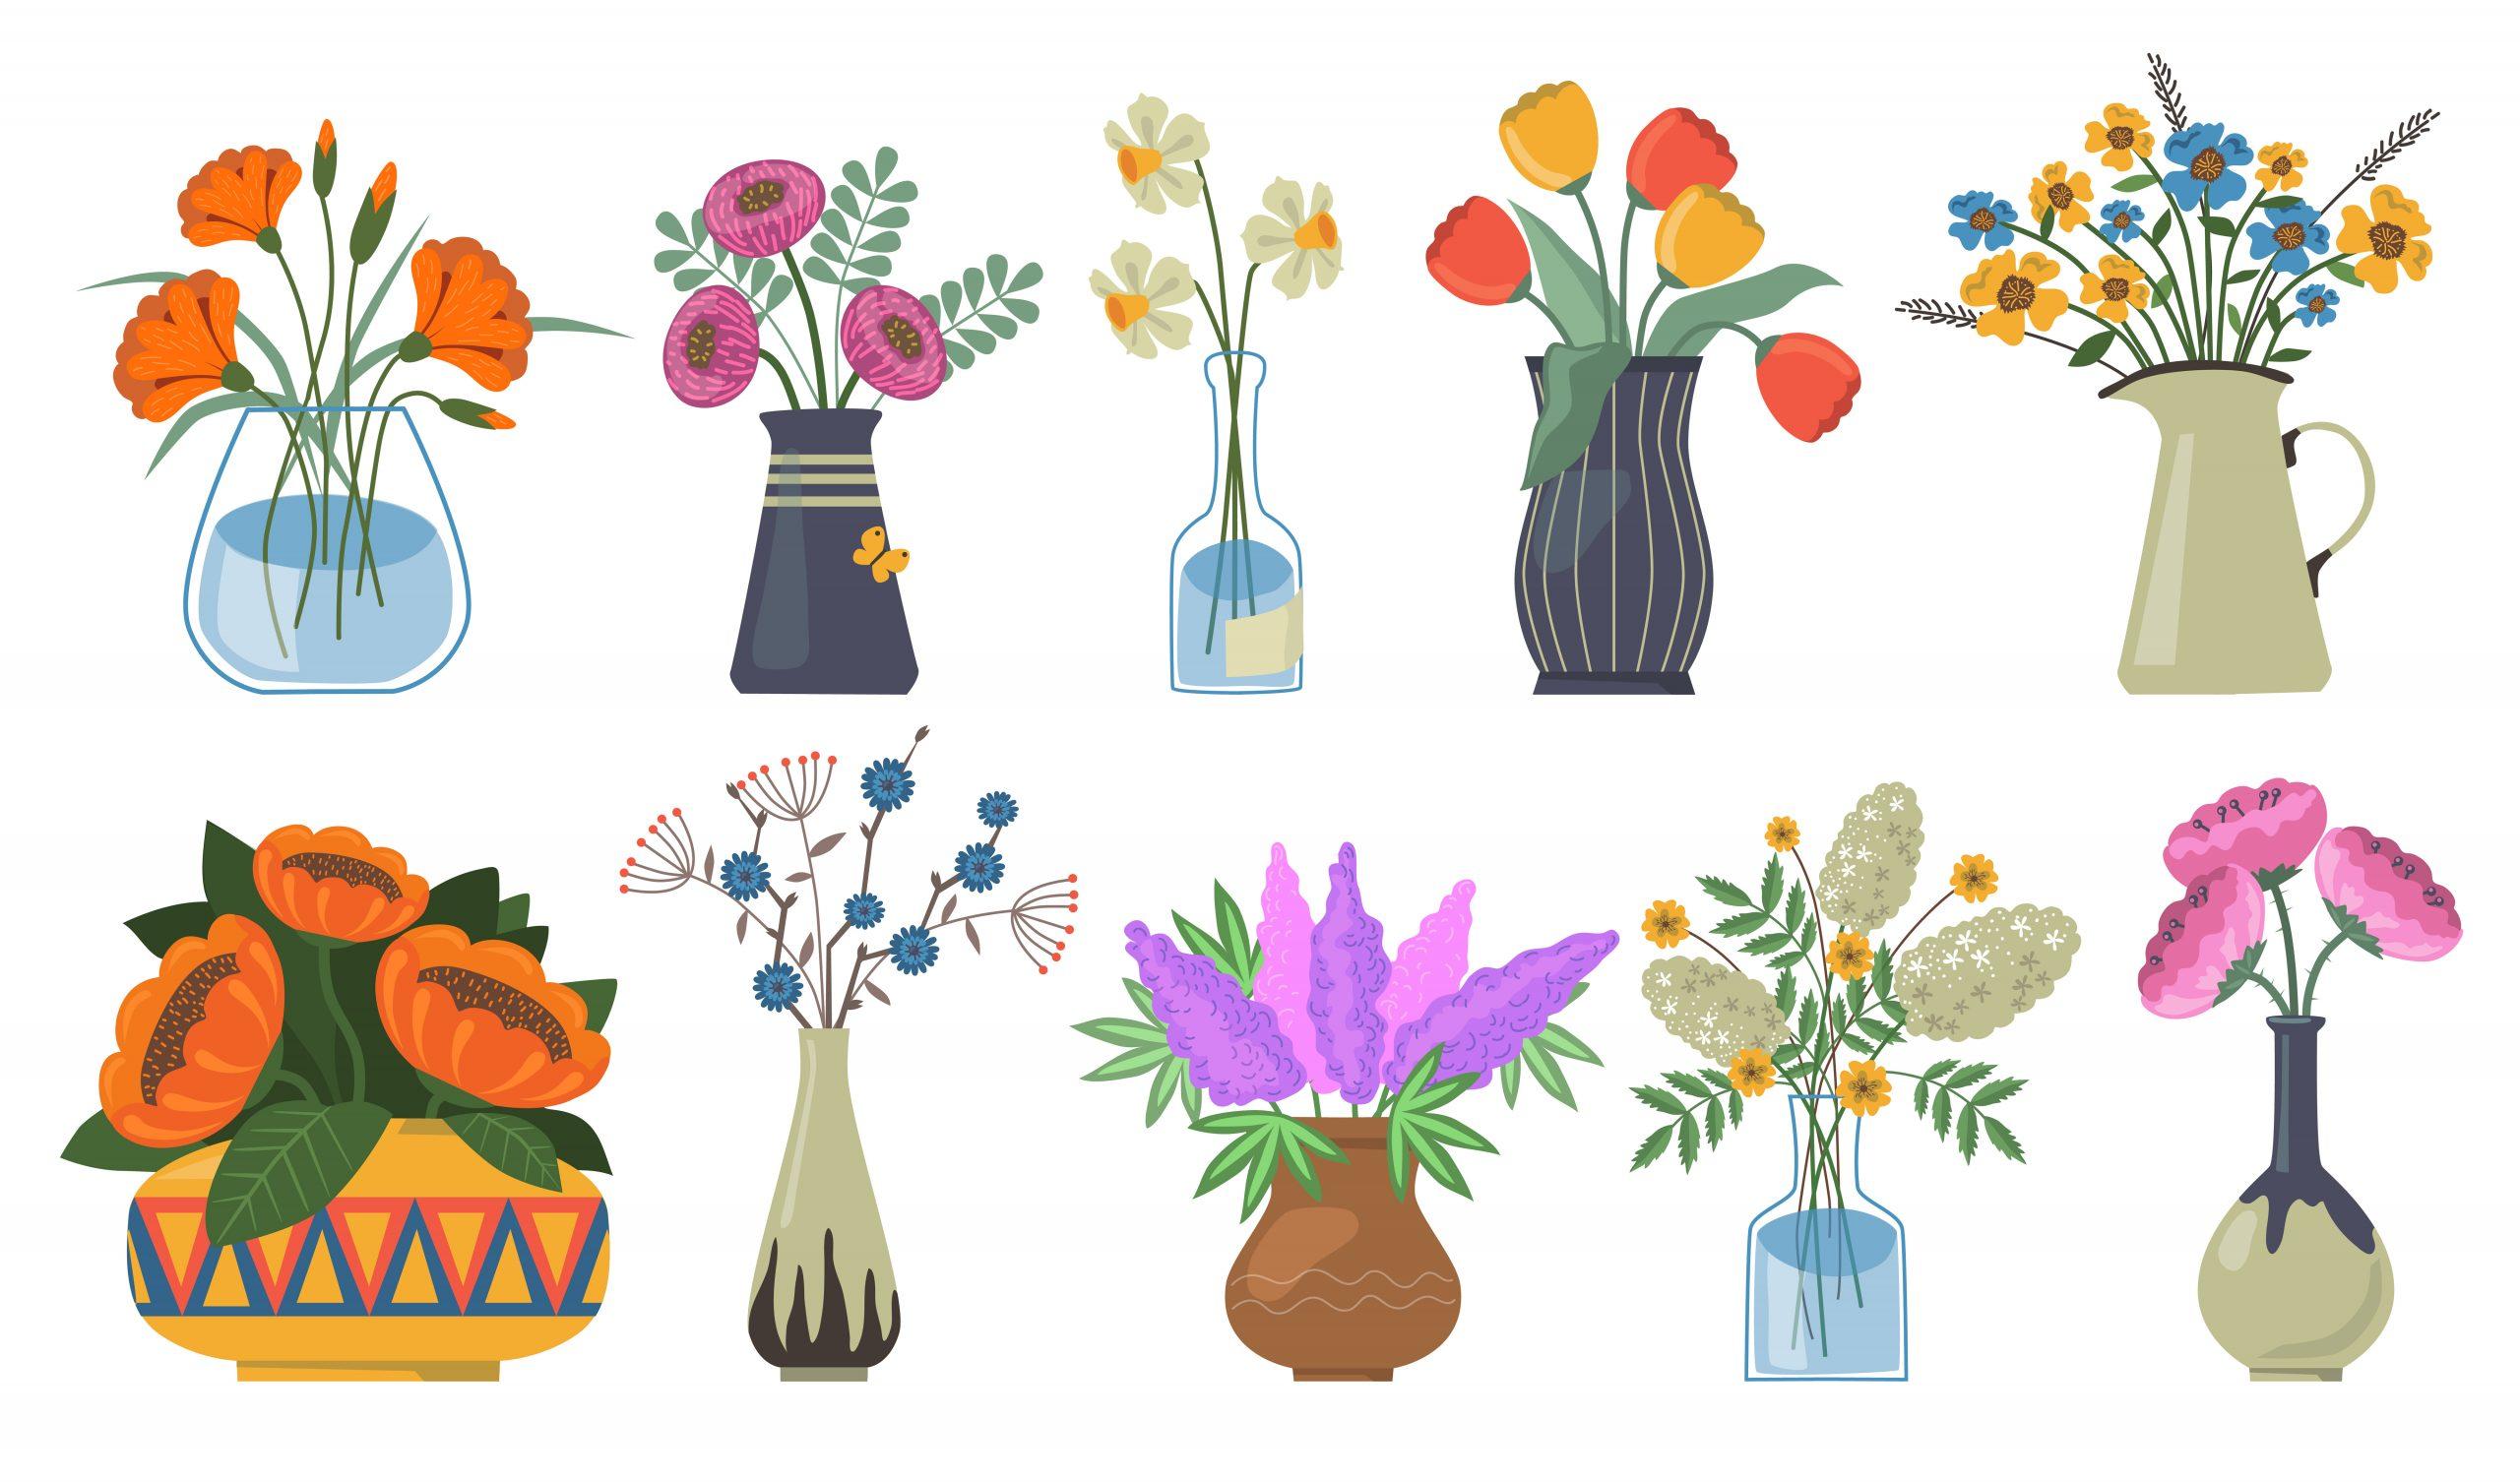 Ide Vas Bunga Unik, Menambah Estetika Ruangan